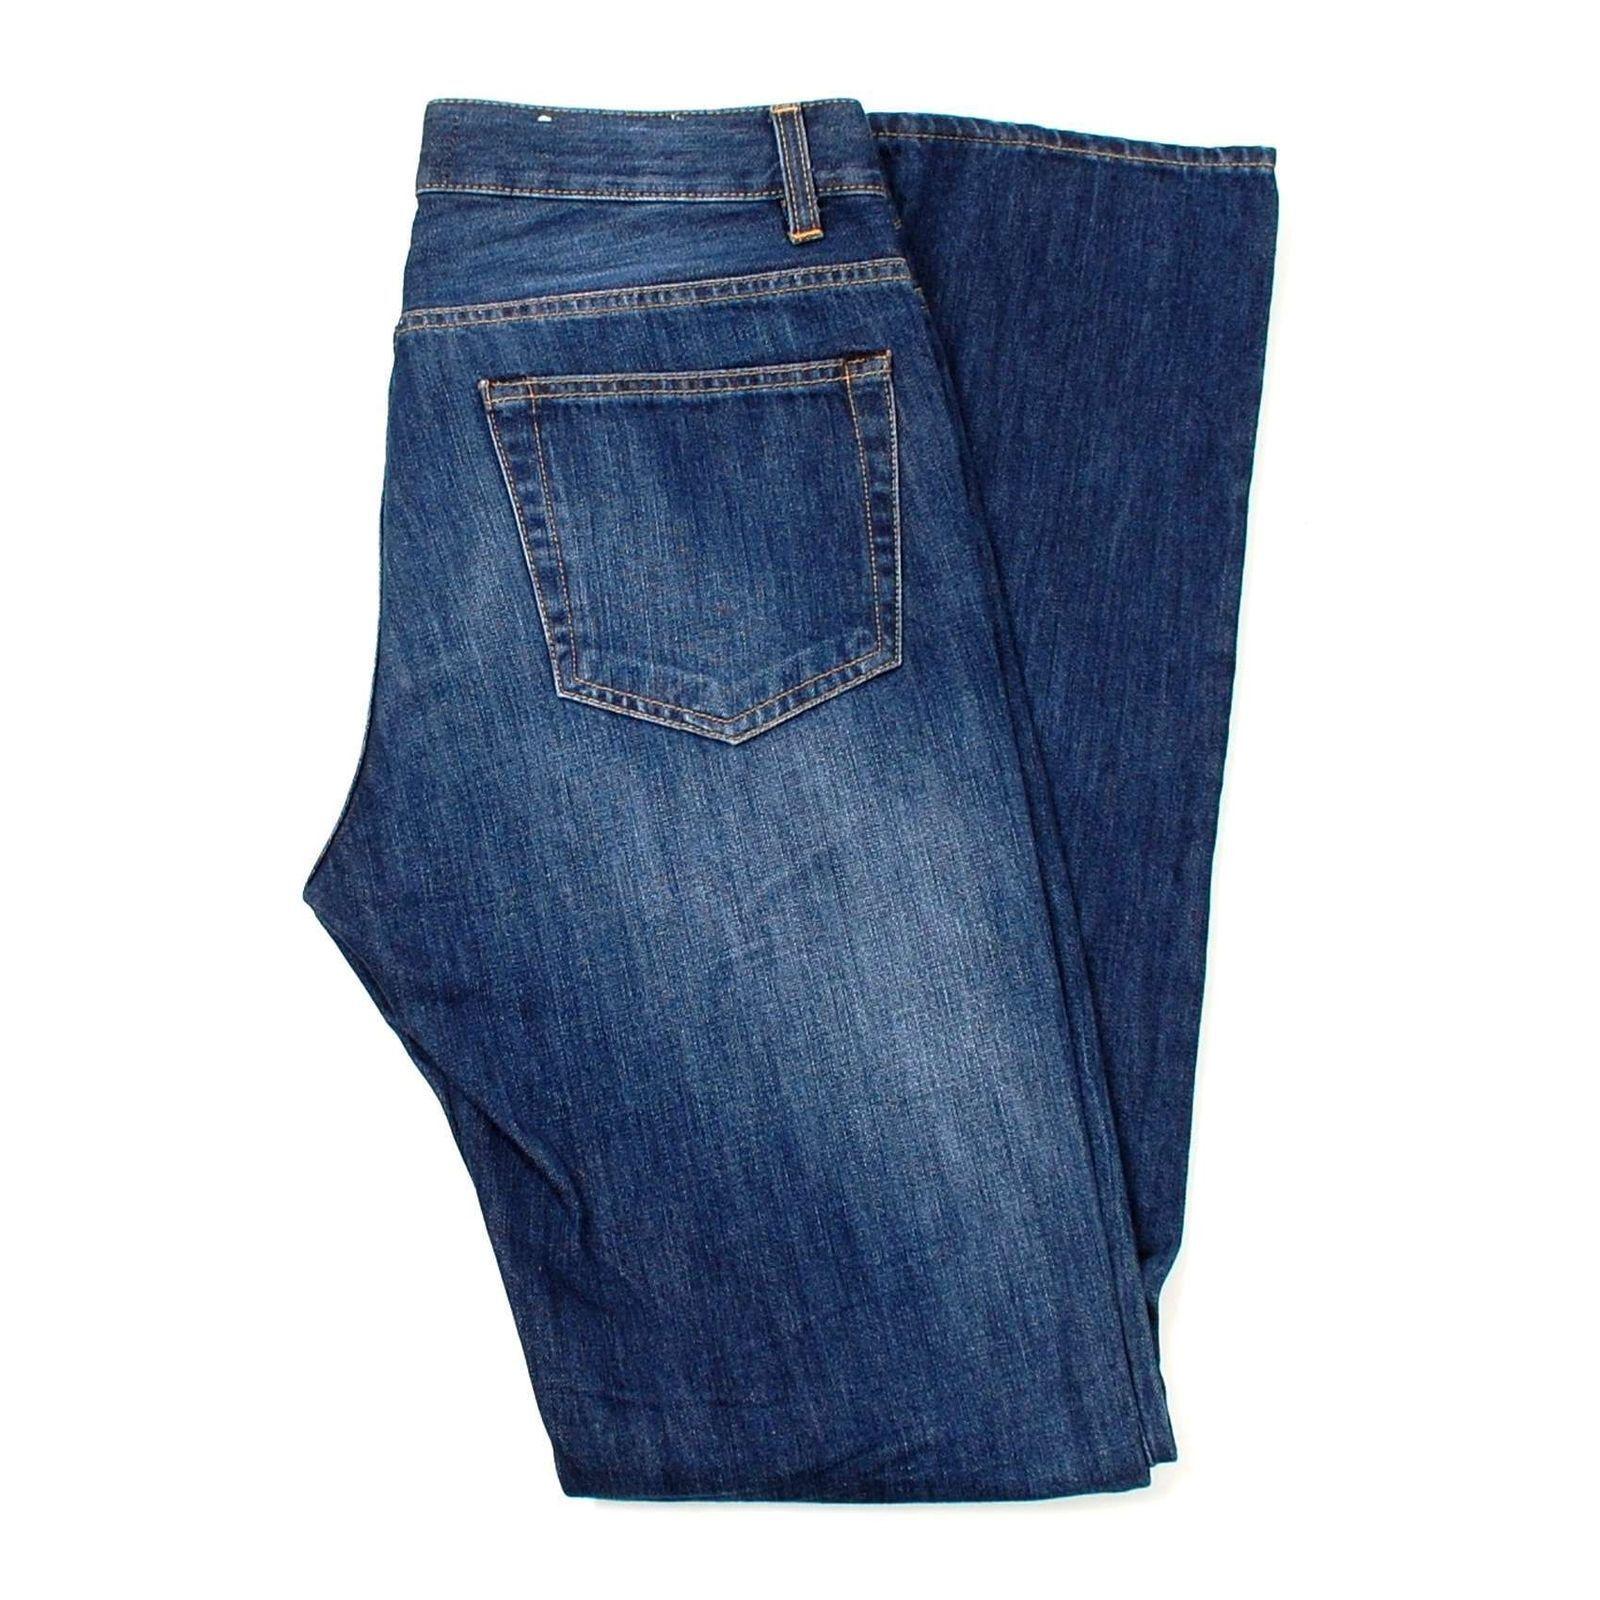 Acne Studios Roc Verakai Gerade Blau Herren Jeans Größe 30 32